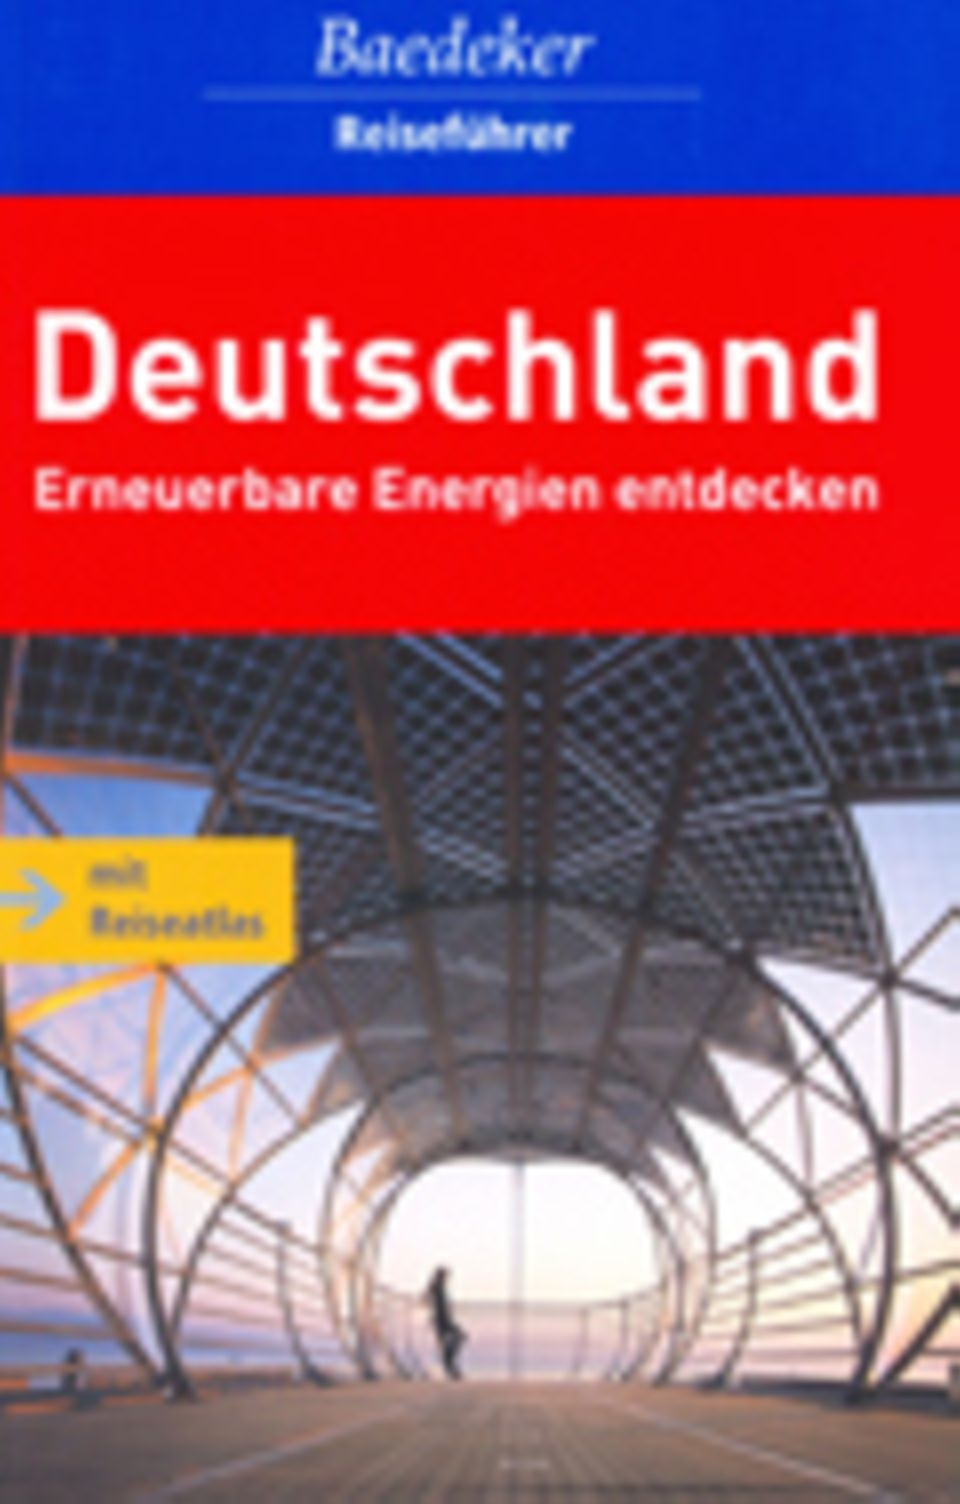 Tourismus: Deutschland. Erneuerbare Energien entdecken. Baedeker Reiseführer, MairDumont, 14,95 Euro